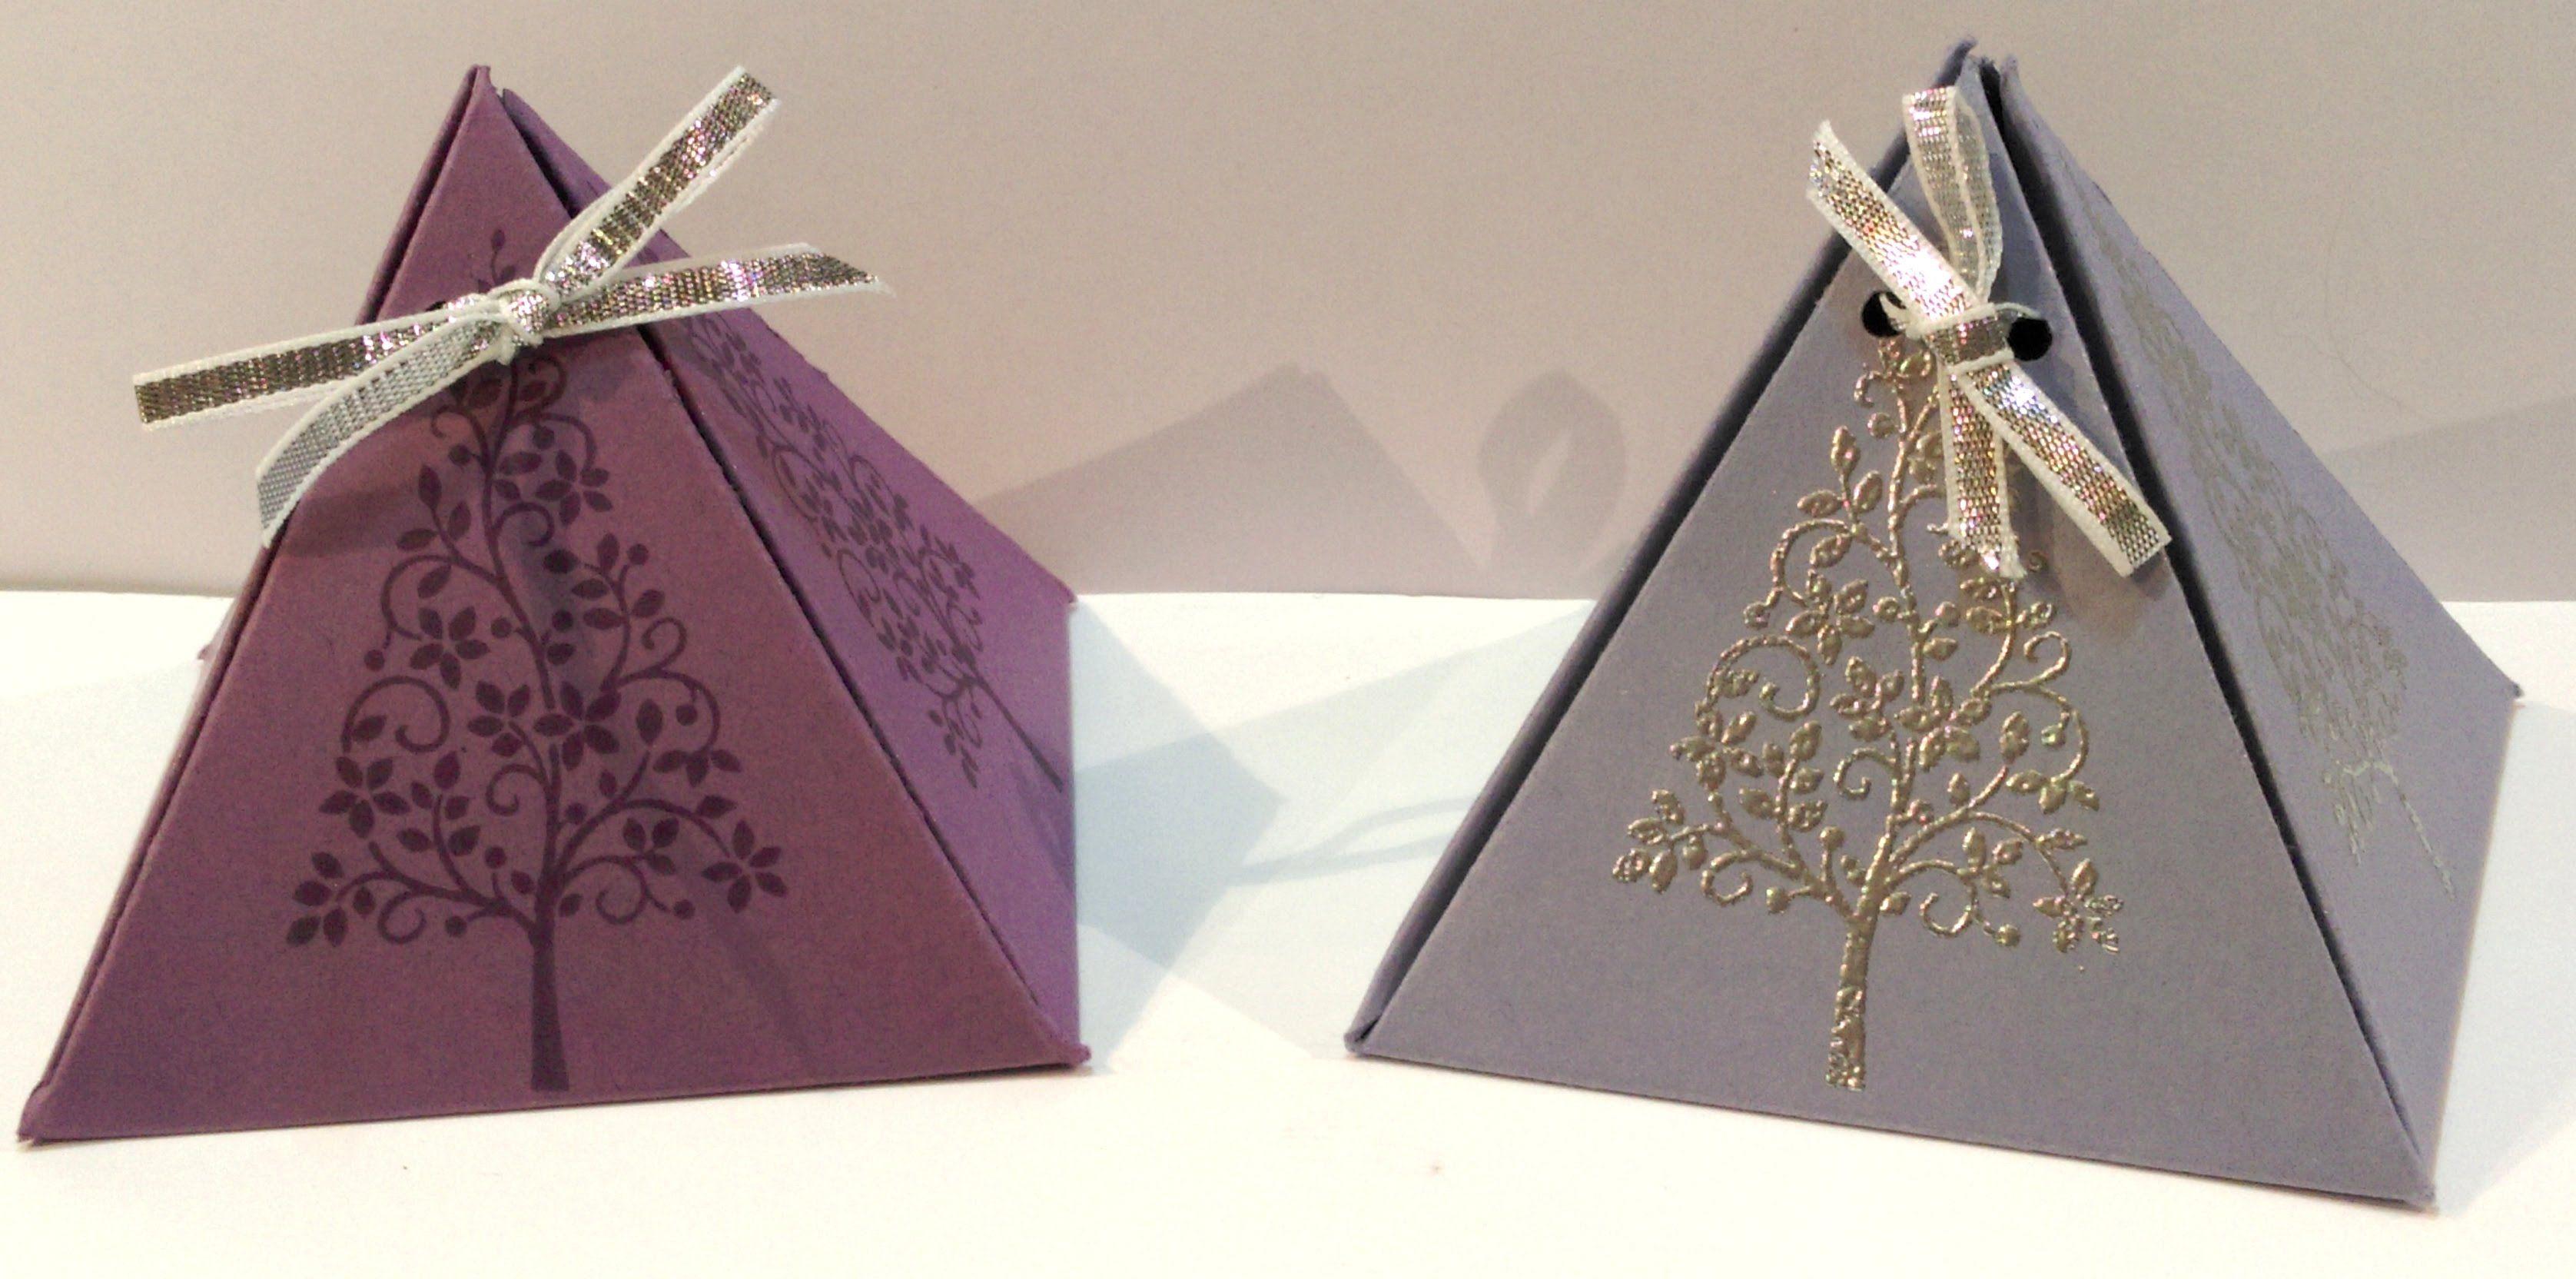 10 wochen weihnachten 10 pyramiden box proyectos que. Black Bedroom Furniture Sets. Home Design Ideas